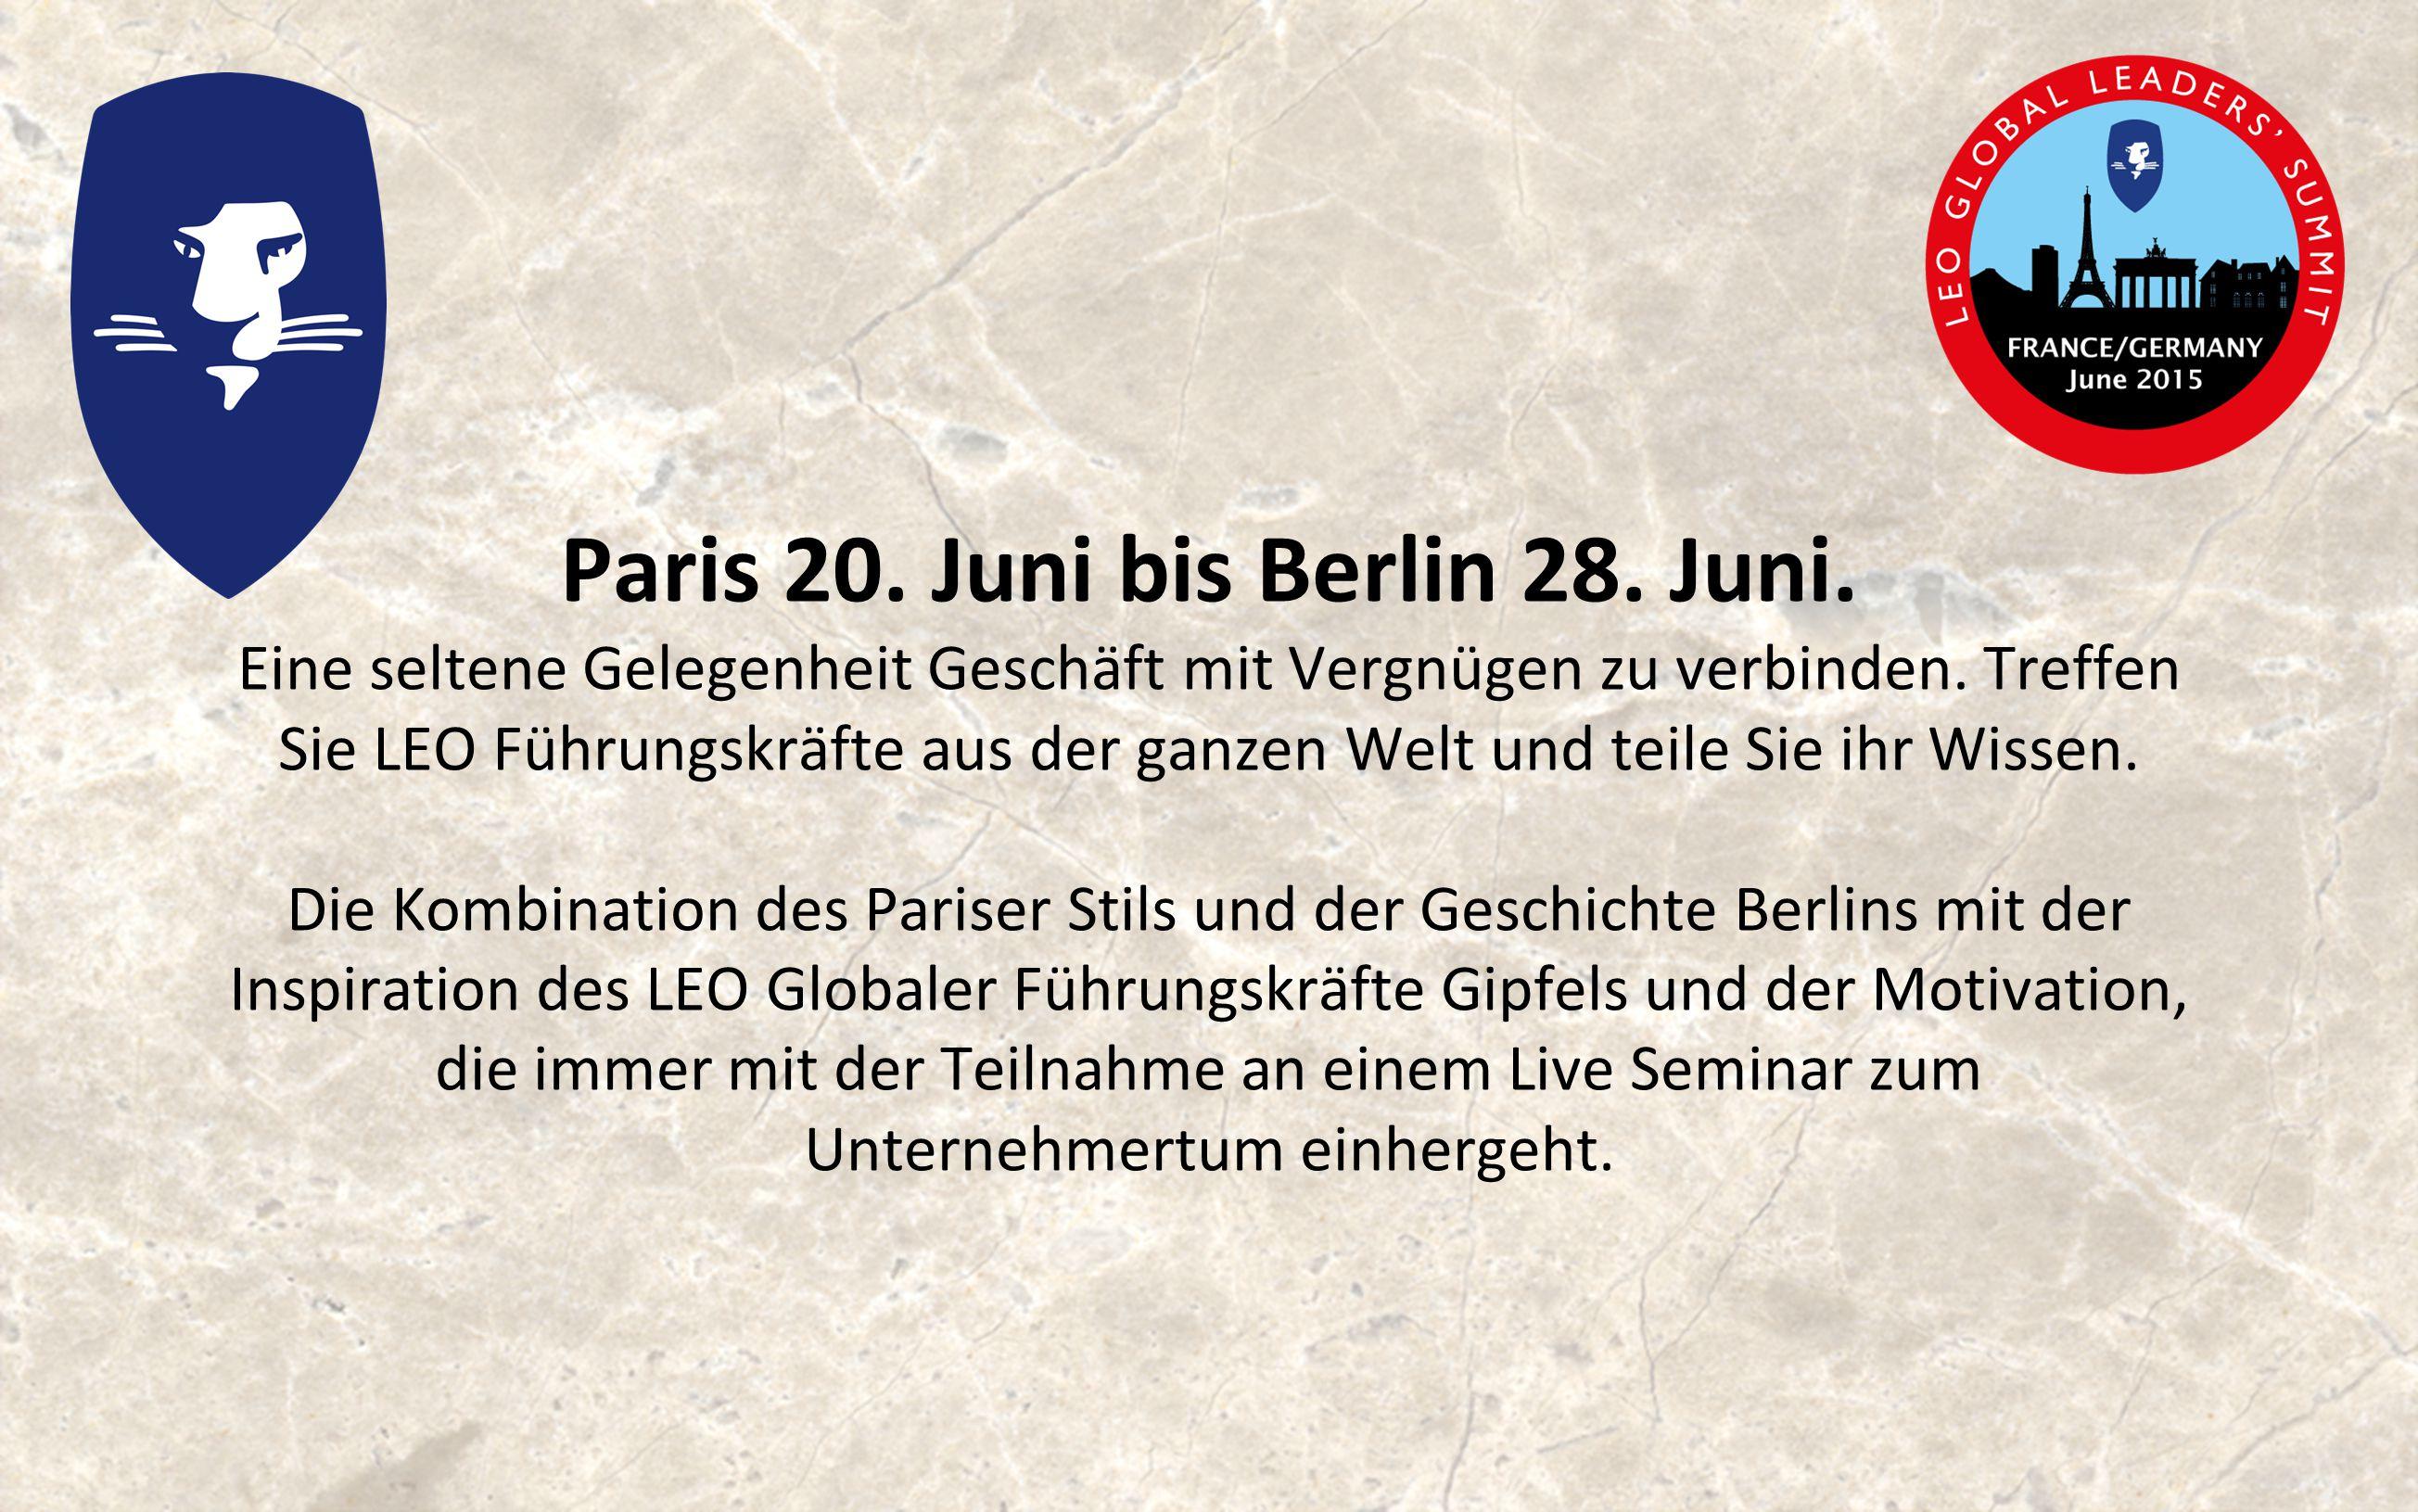 Paris 20. Juni bis Berlin 28. Juni. Eine seltene Gelegenheit Geschäft mit Vergnügen zu verbinden.